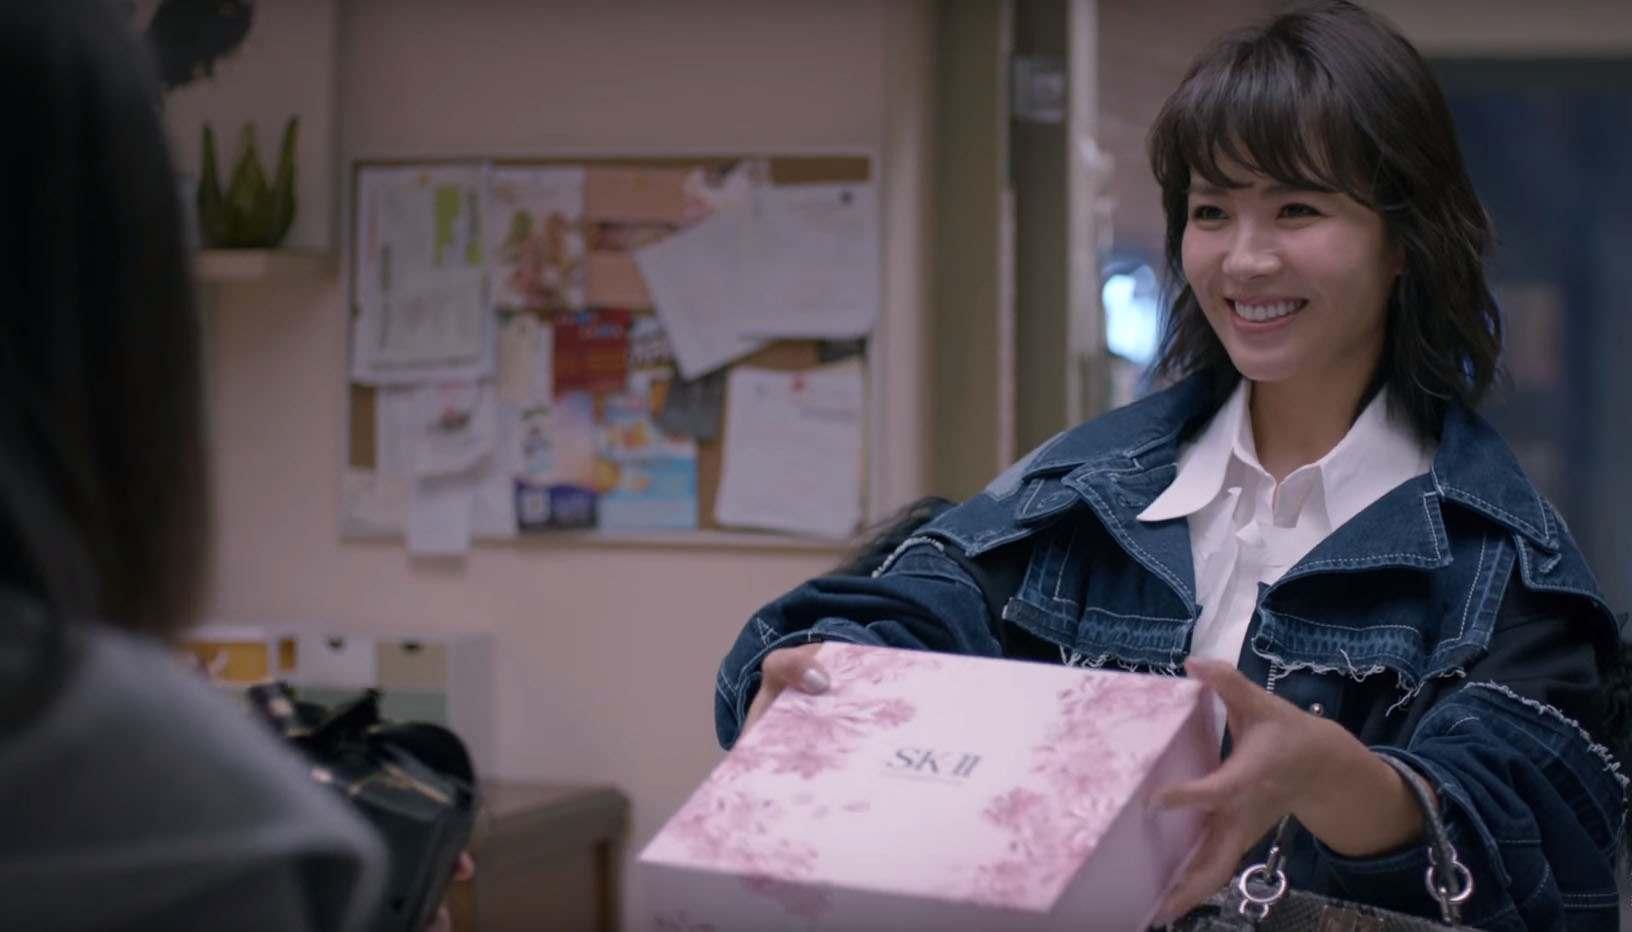 第三集安迪送给樊胜美的礼物